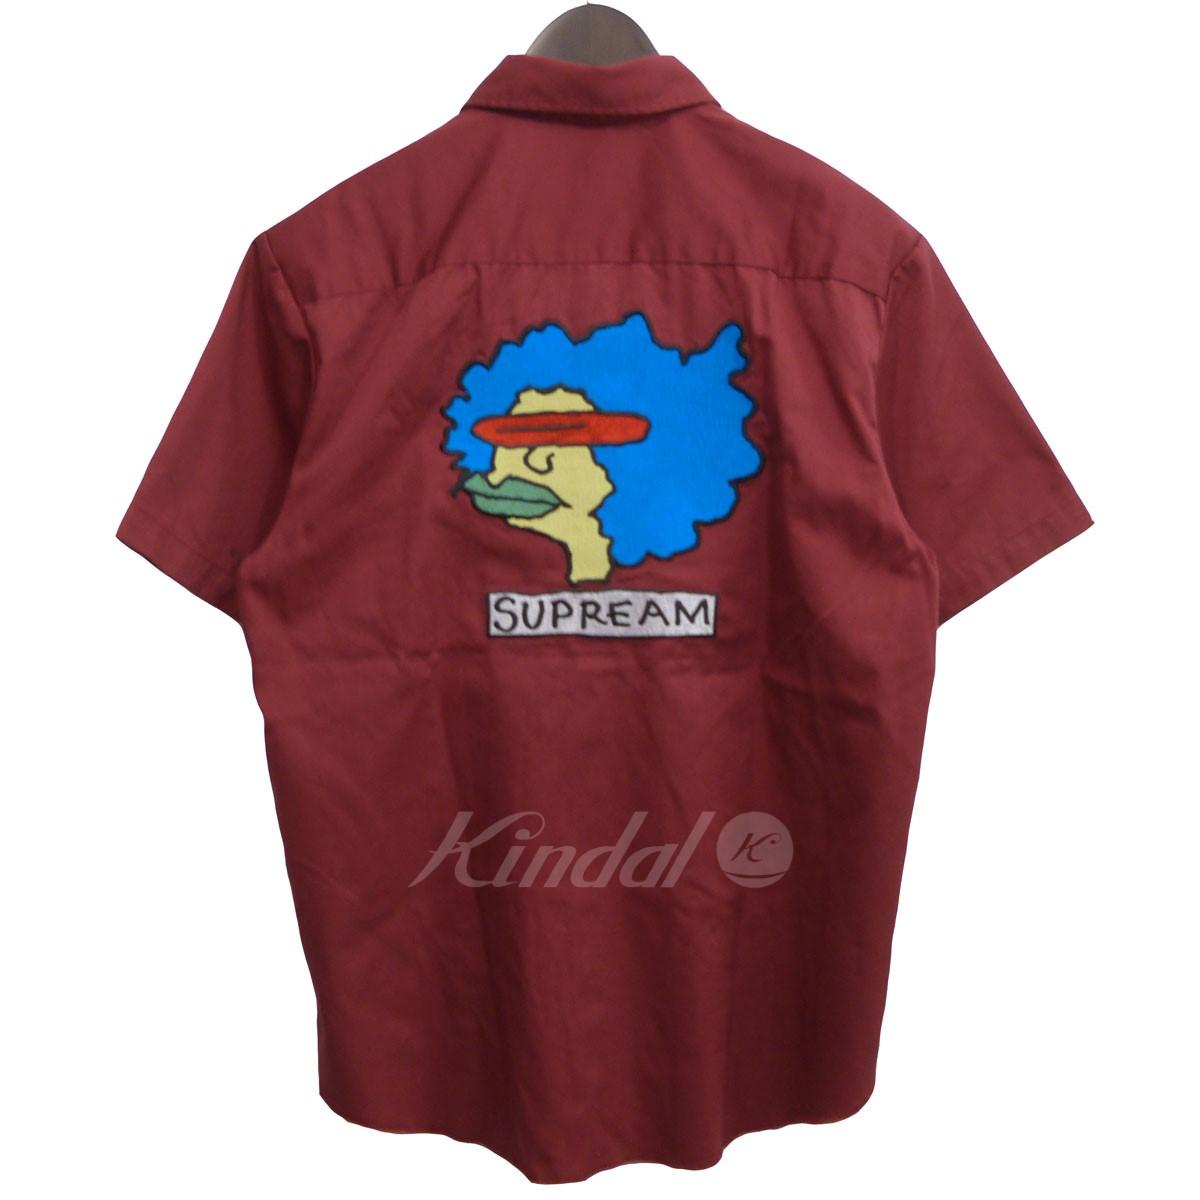 【中古】SUPREME 2017A/W「Gonz Work Shirt」ゴンズワークシャツ バーガンディー サイズ:S 【120519】(シュプリーム)